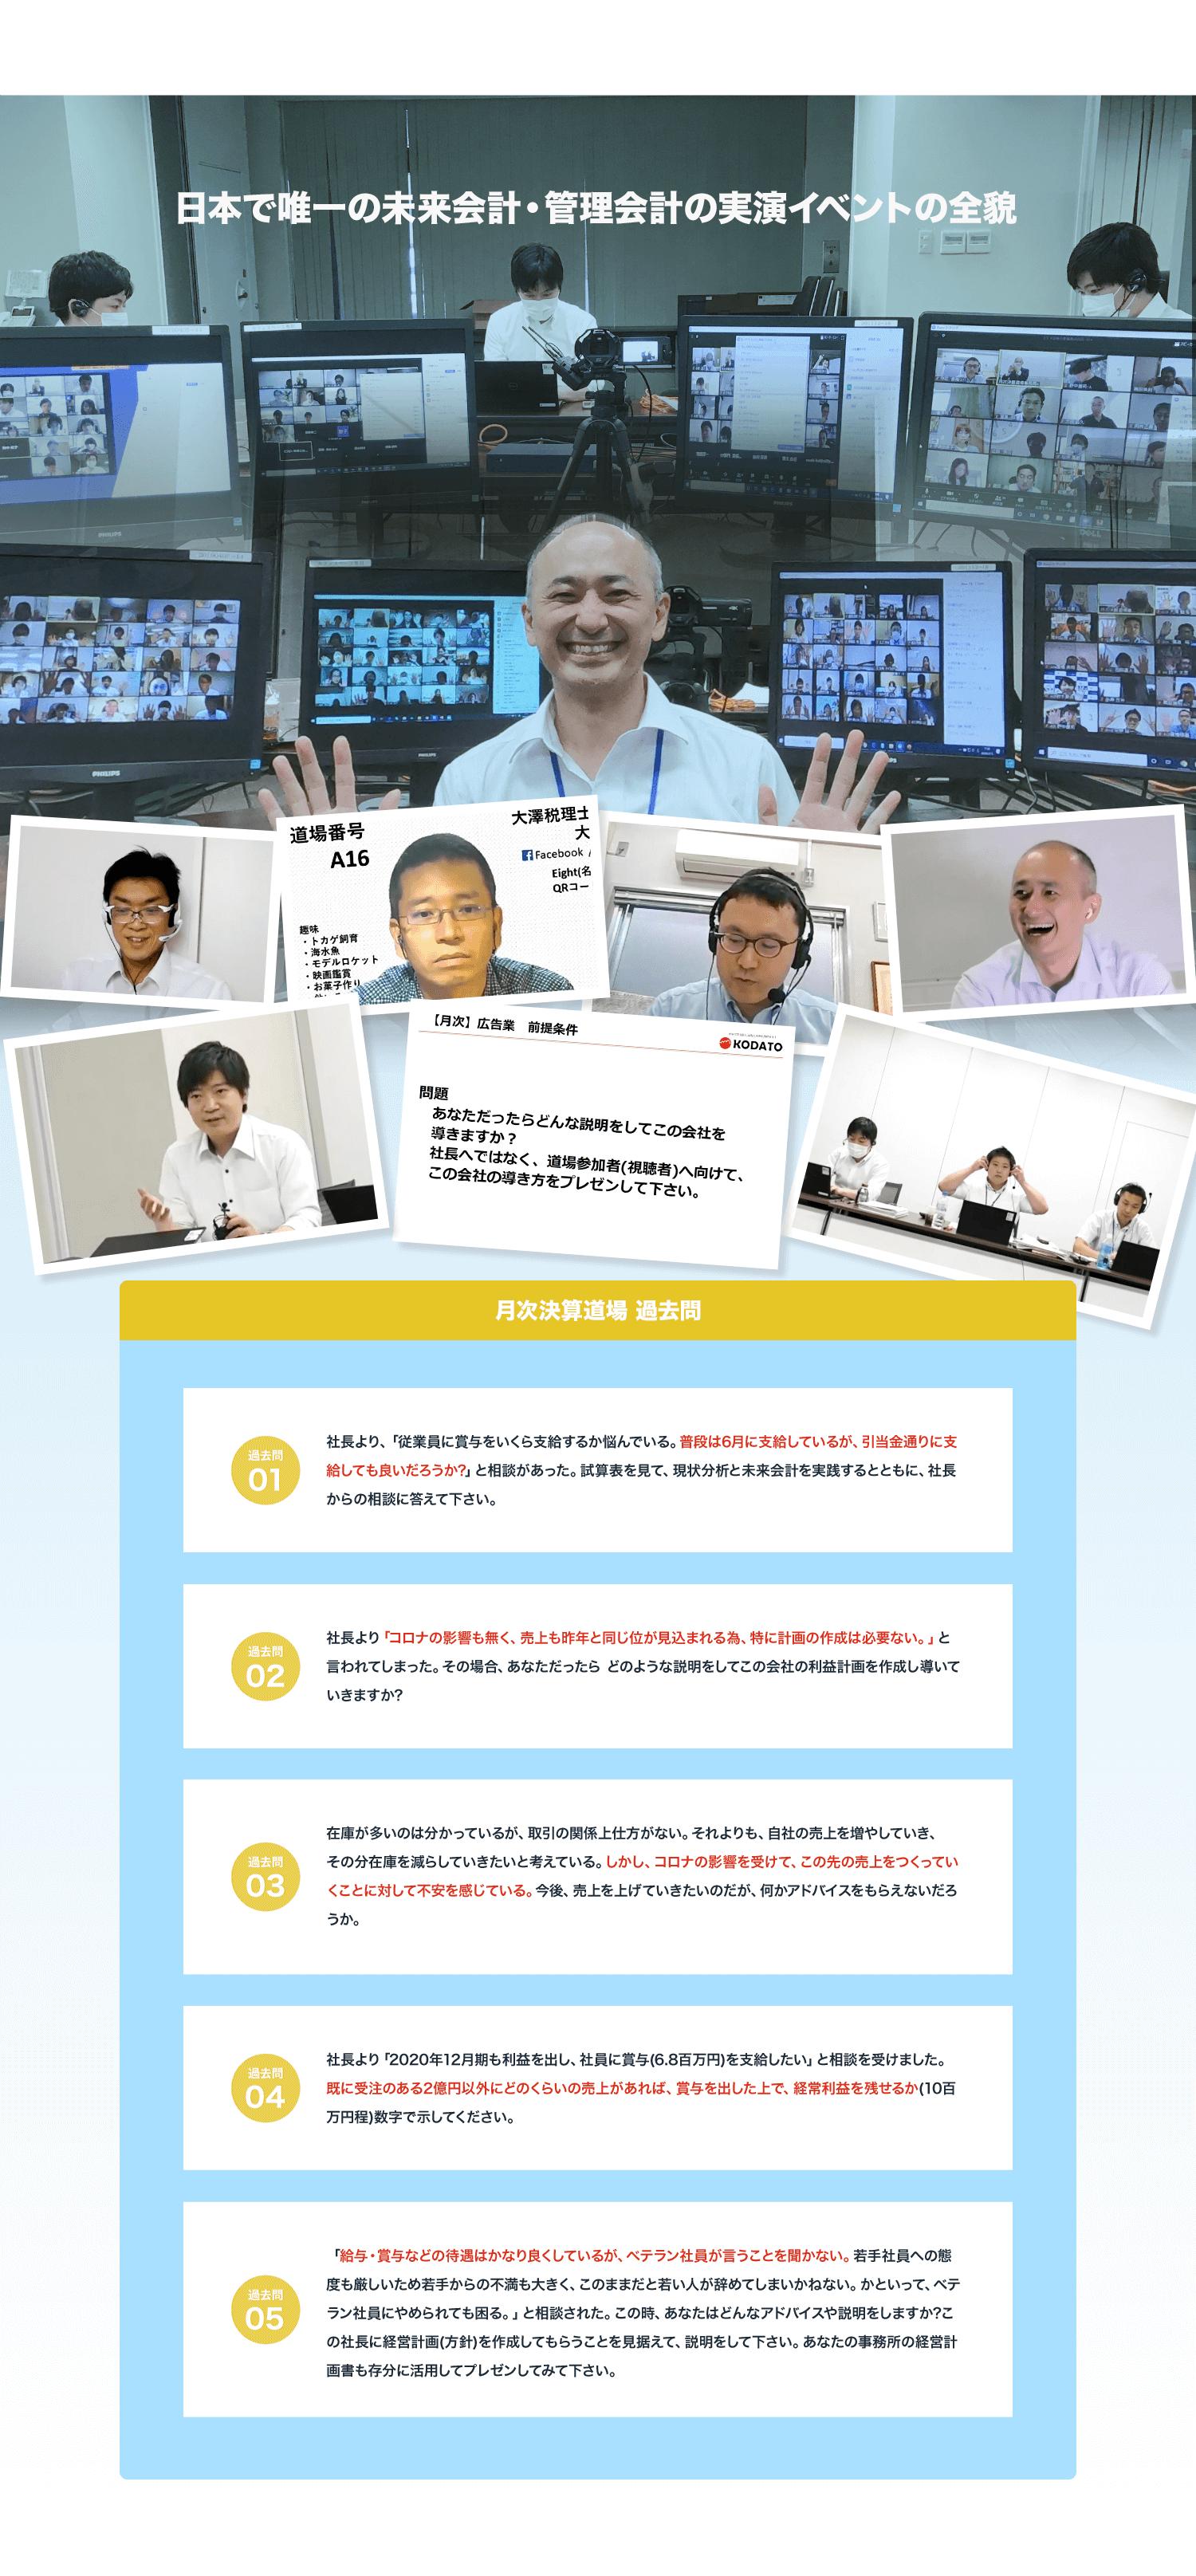 日本で唯一の未来会計・管理会計の実演イベントの全貌